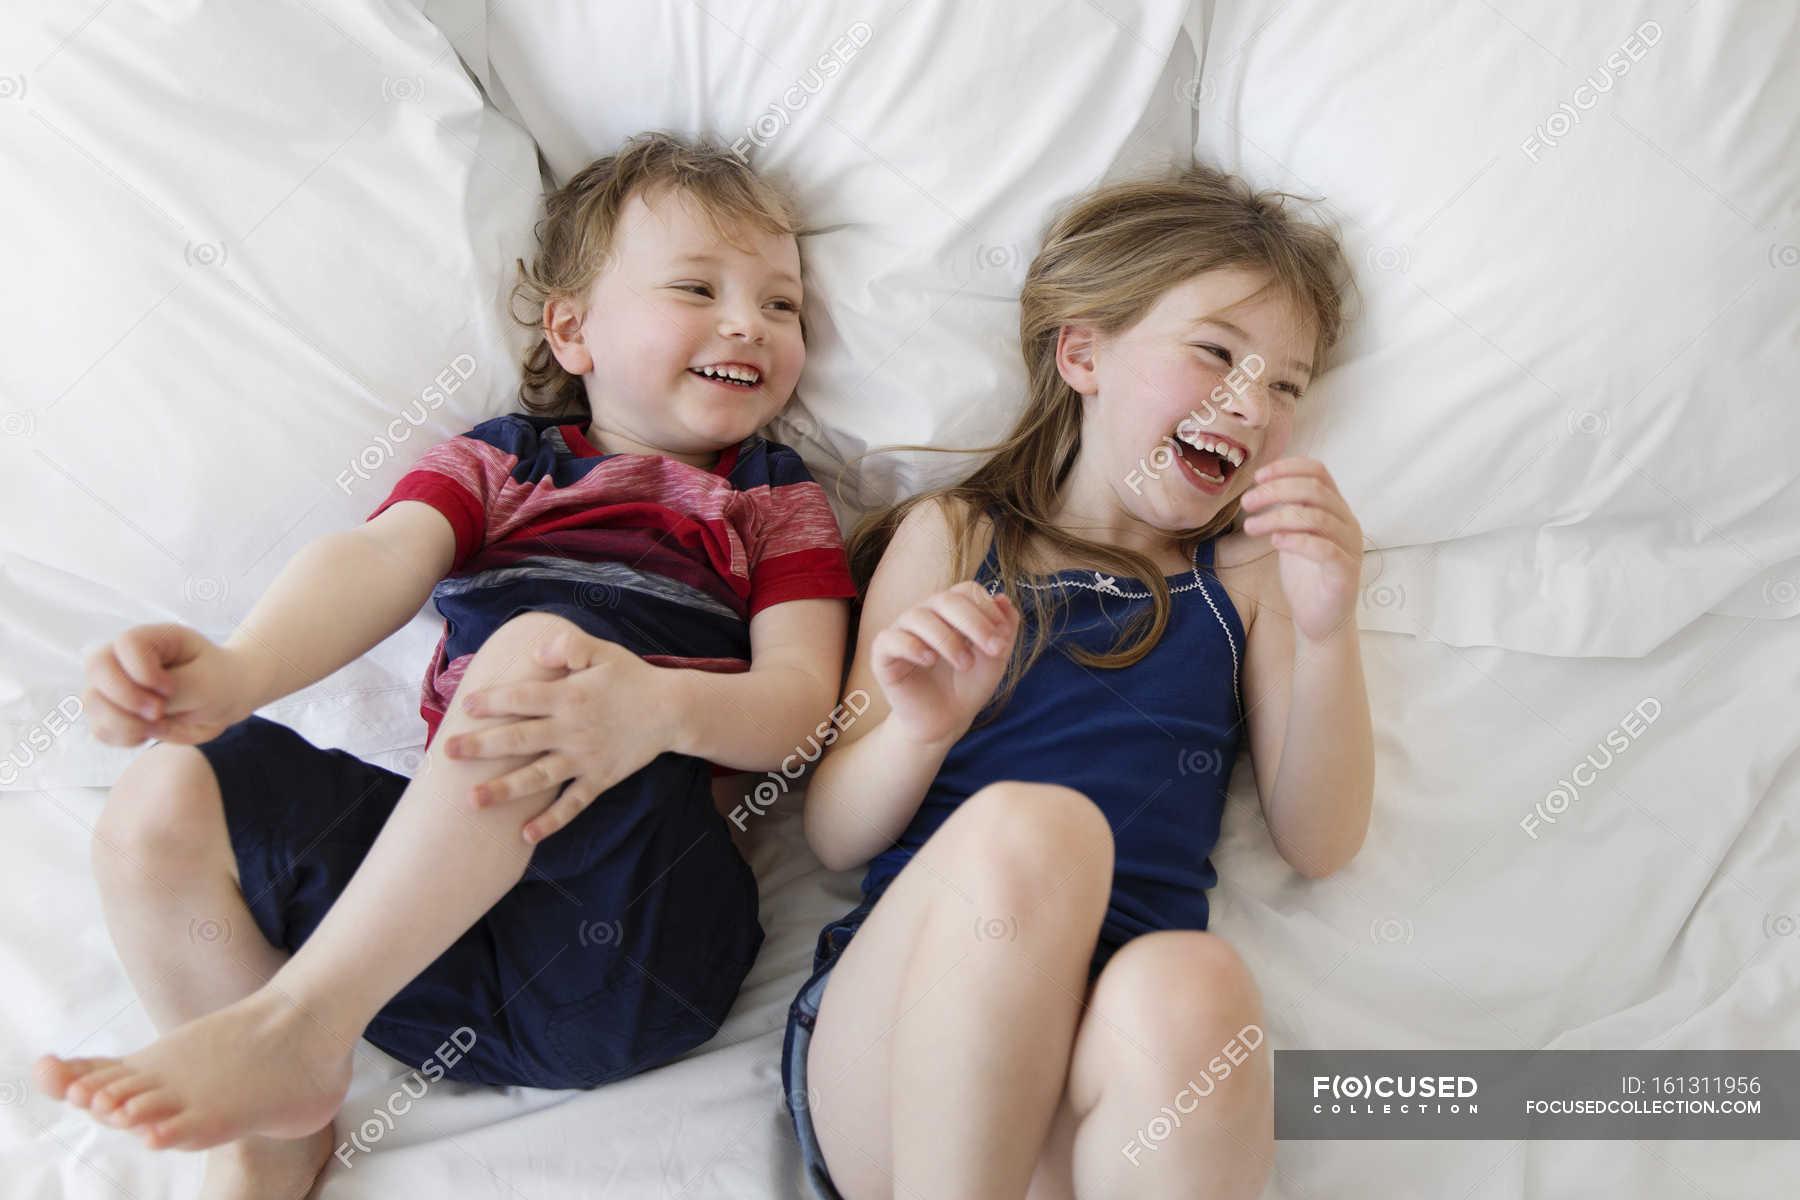 Спалила брата рассказ, Братик и сестрёнка - Эротические рассказы 20 фотография